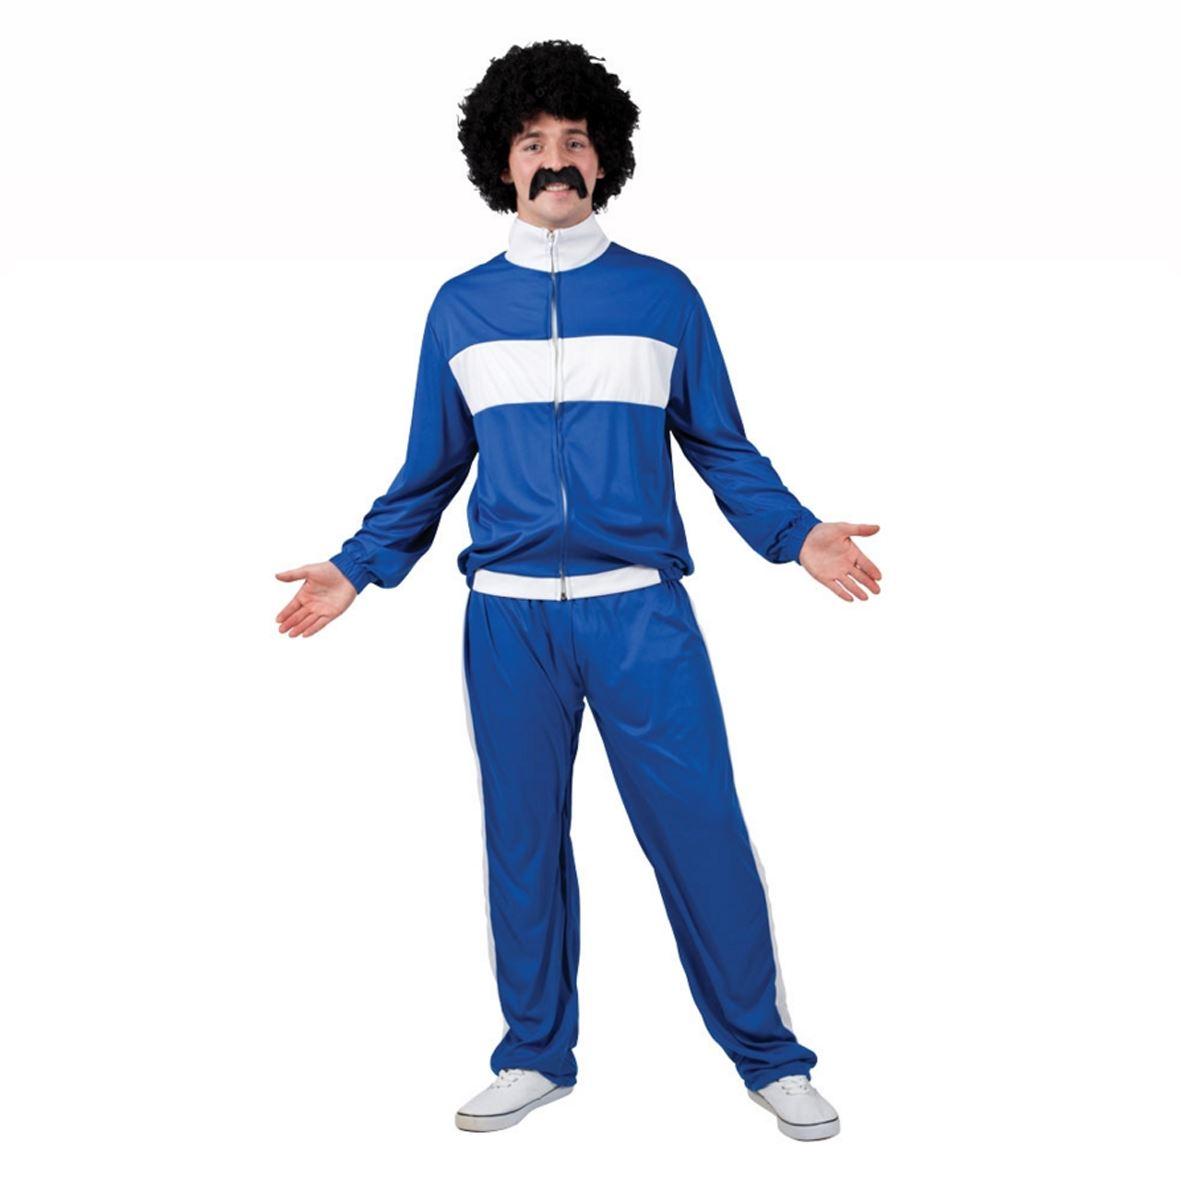 Hombre-Anos-80-RETRO-actitud-Disfraz-Adulto-Chaqueta-De-Chandal-Scouser-Disfraz